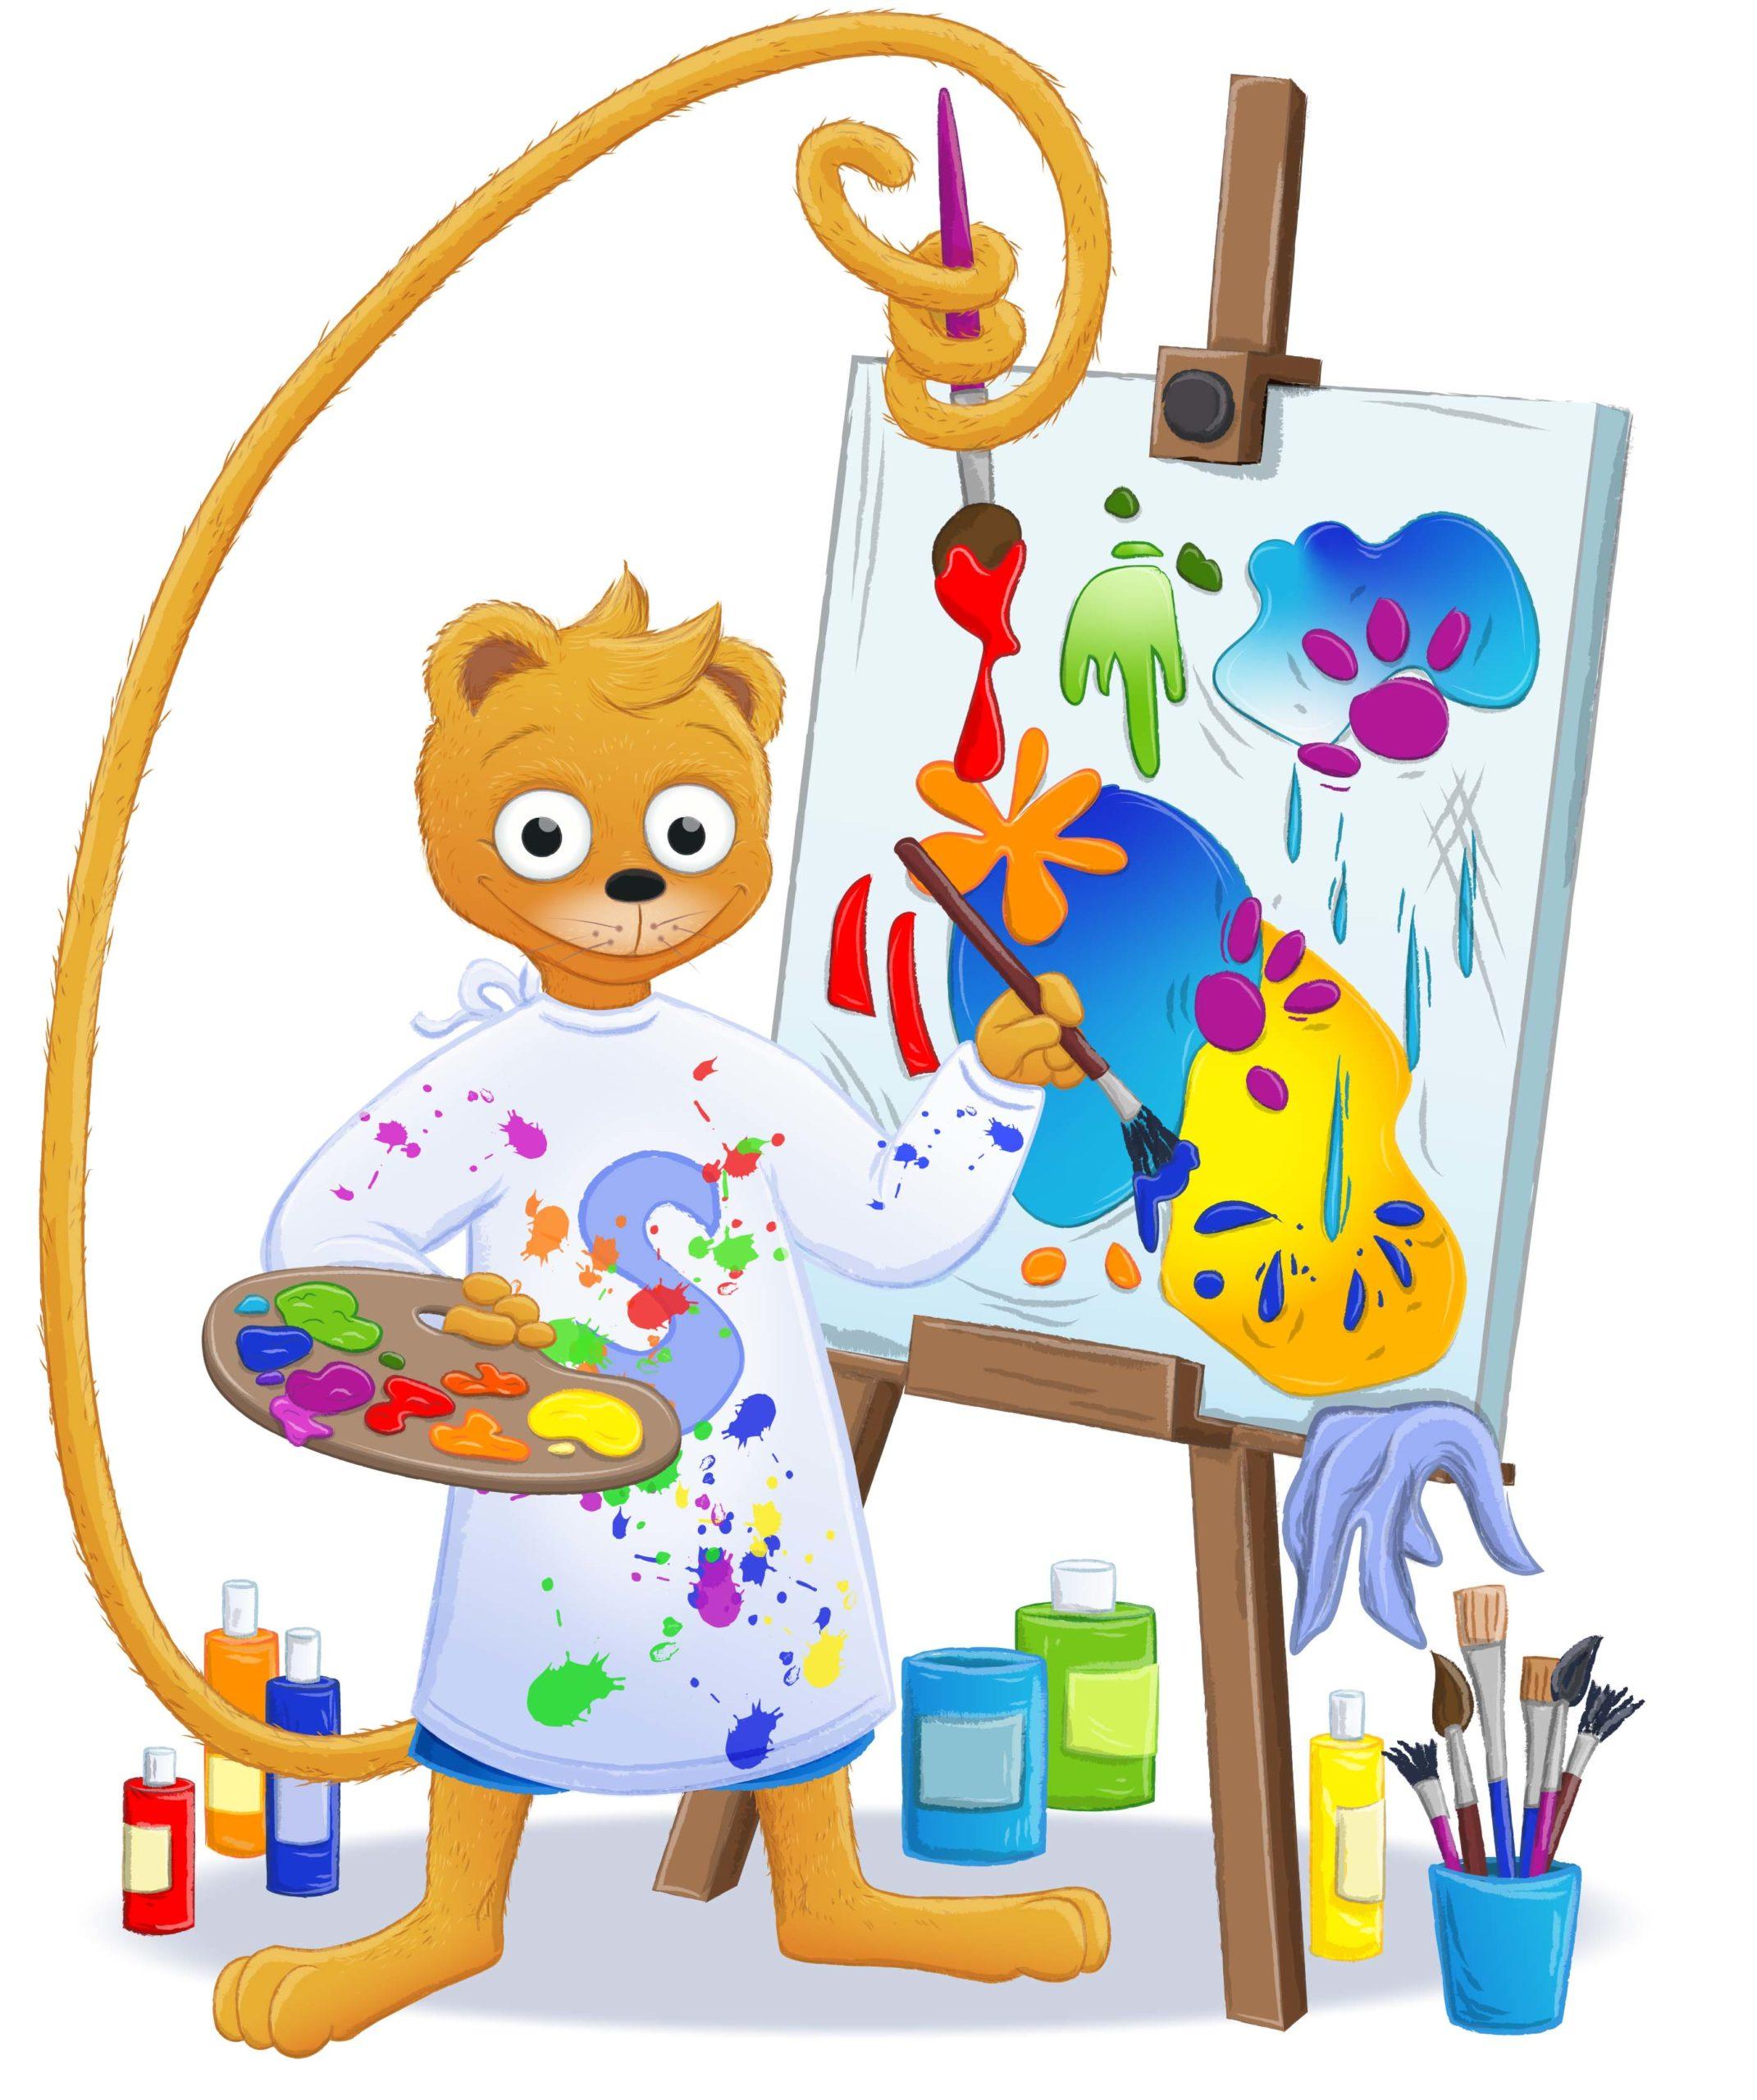 Cover des Ferienprogramms mit dem Simson-Bären